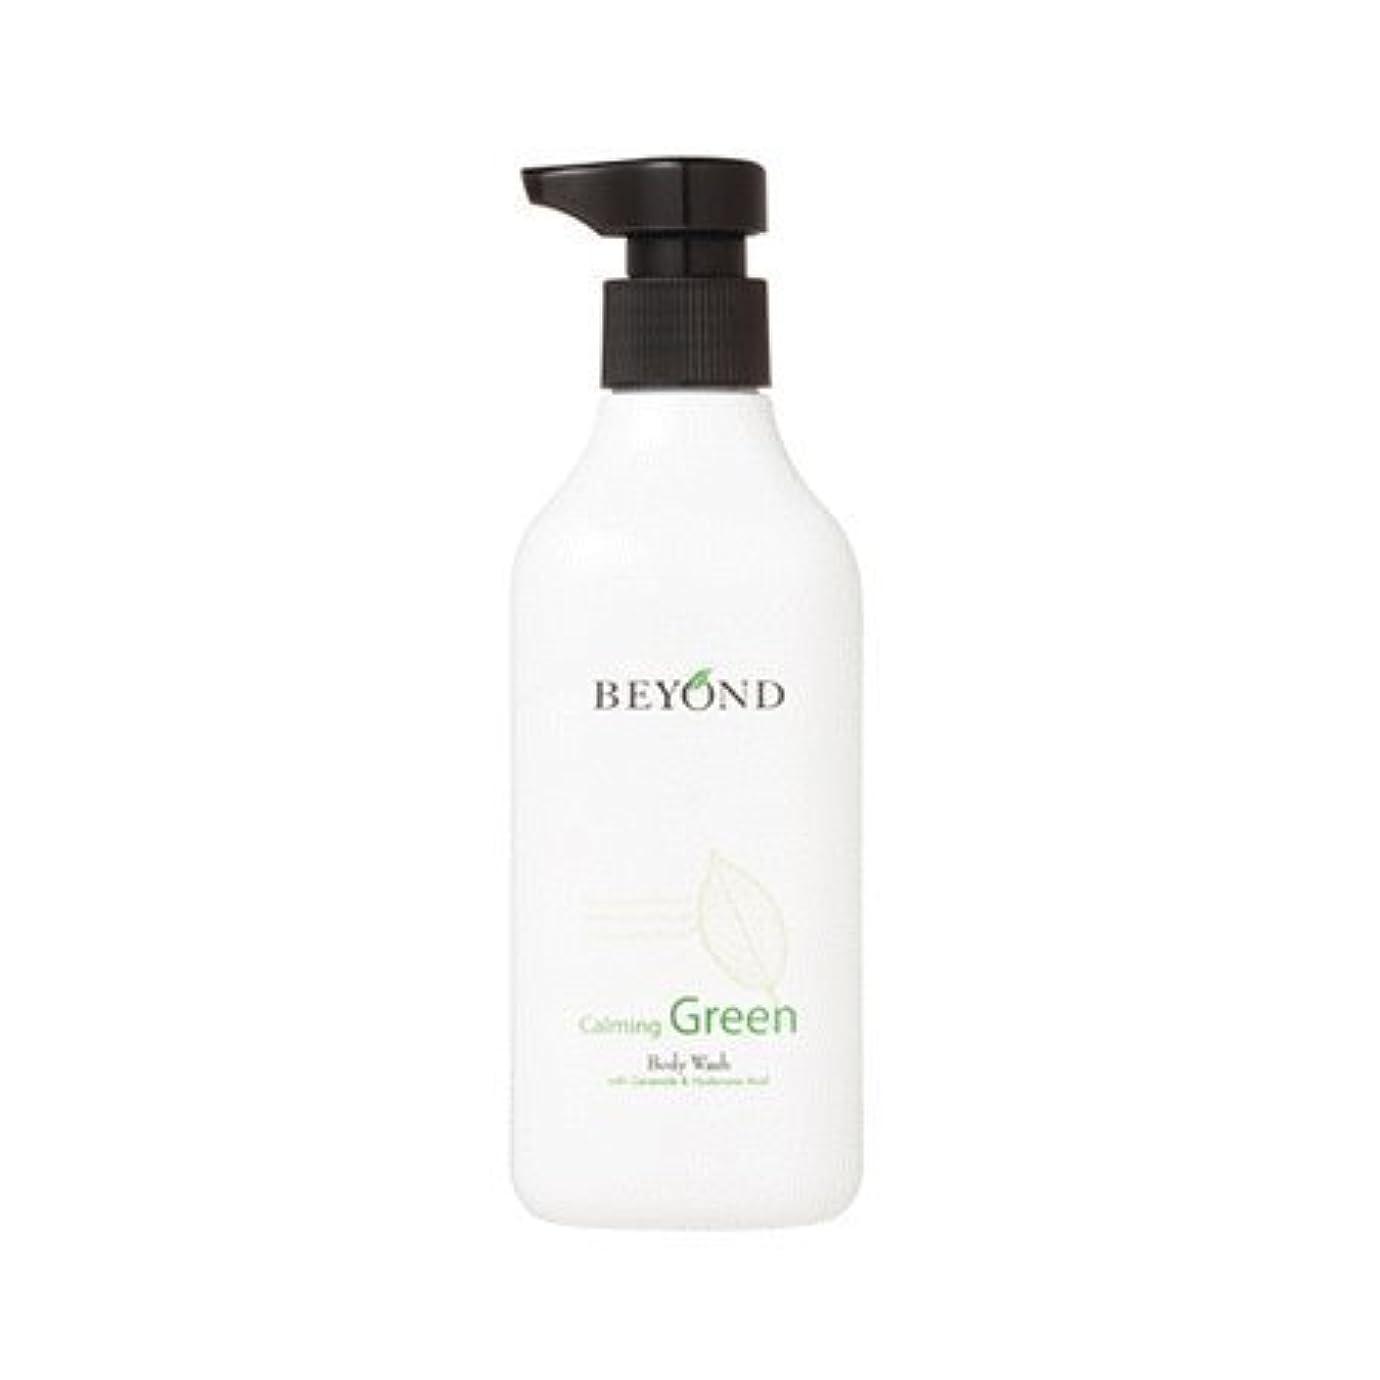 世界的に学んだ注釈Beyond calming green body wash 300ml